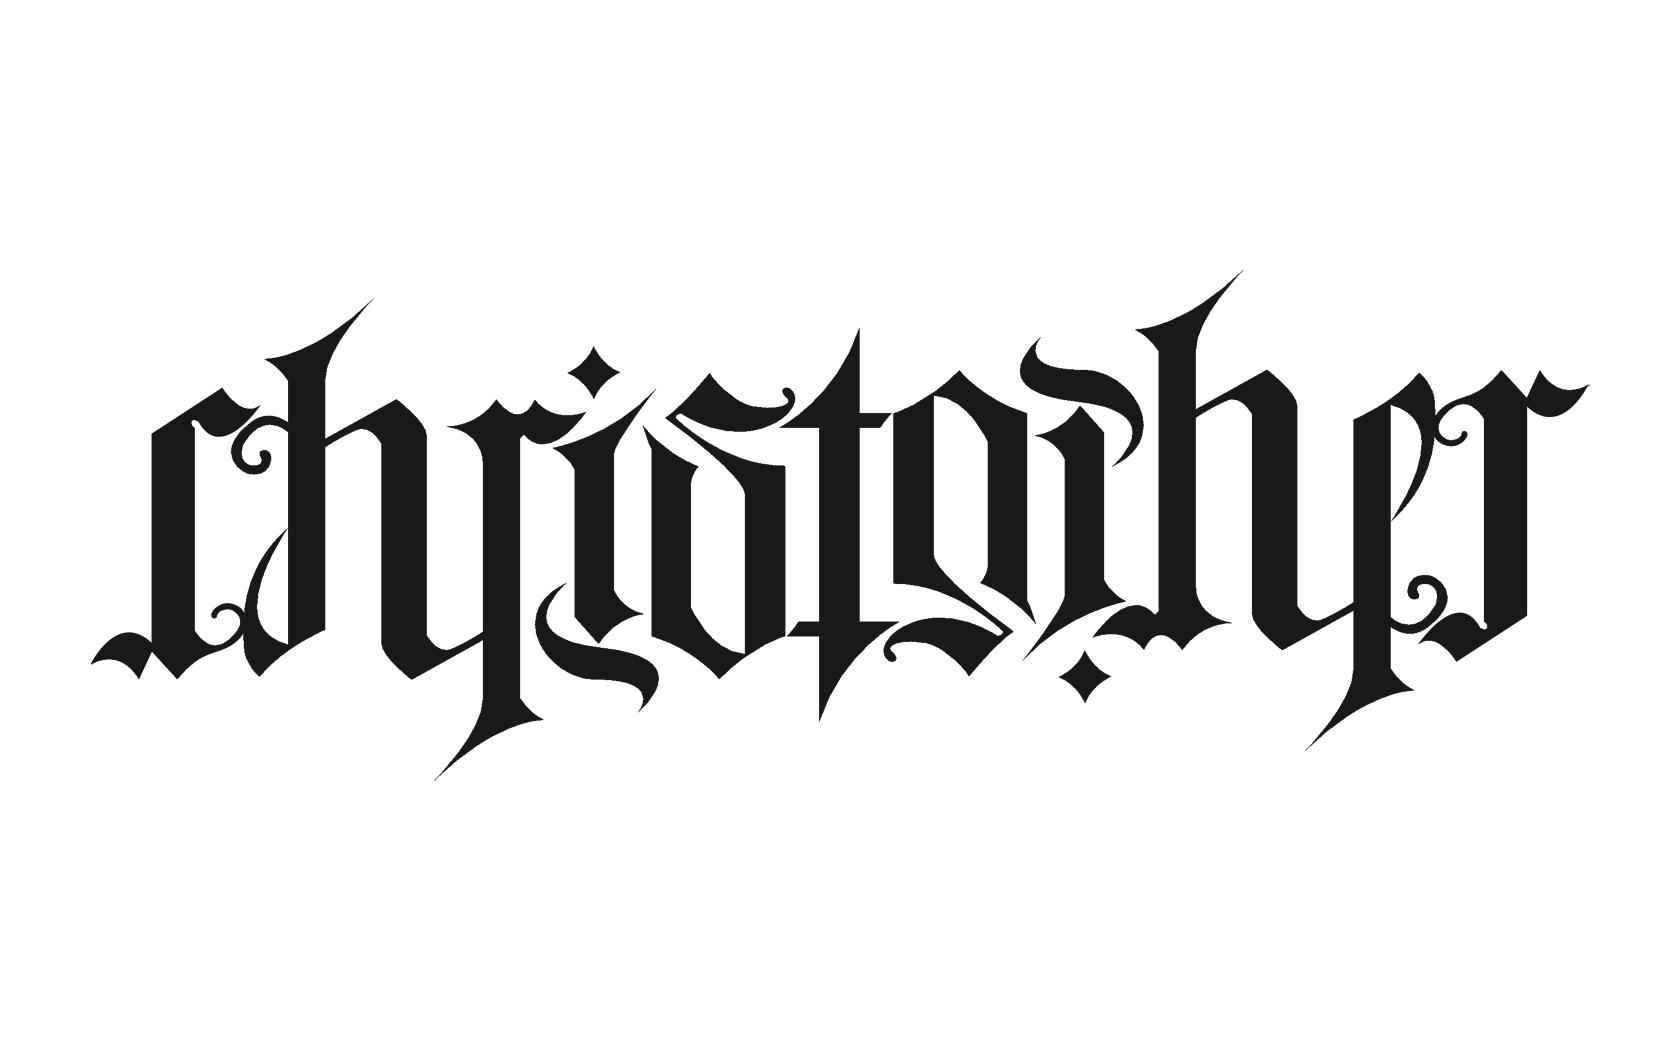 Christopher Ambigram by ChrisR1982Edin on DeviantArt